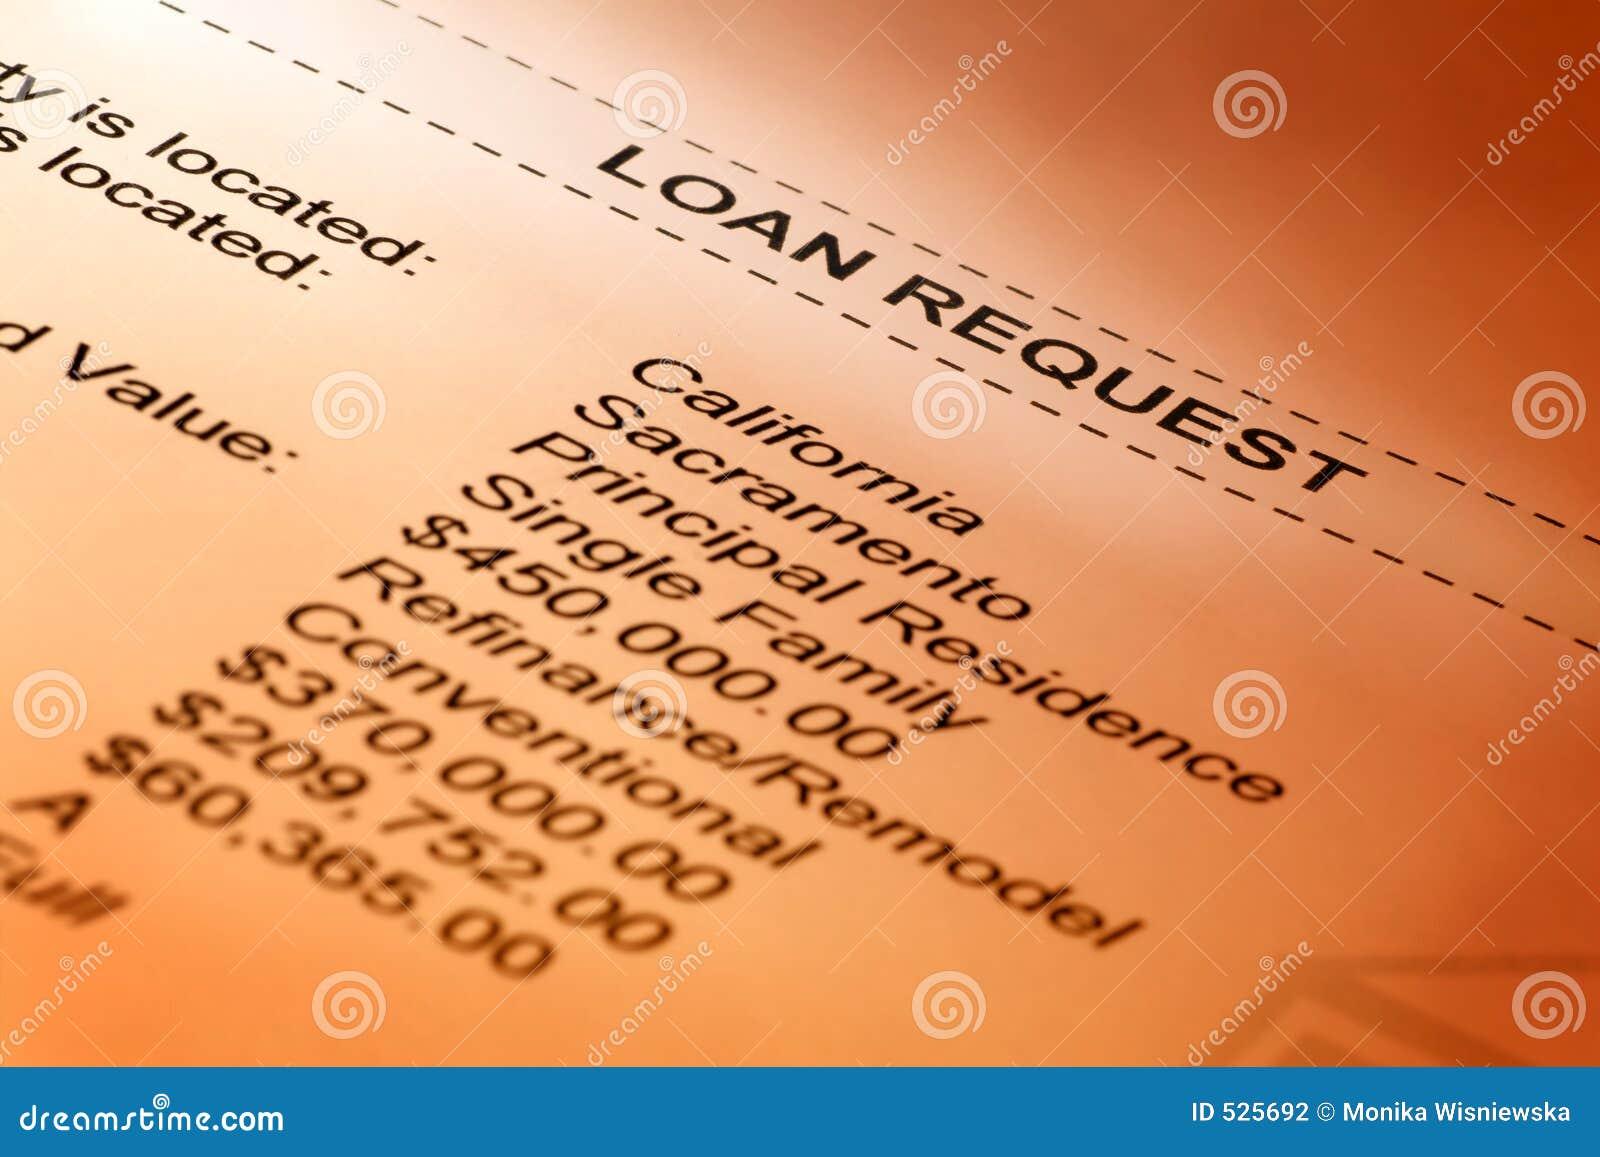 Loan Request